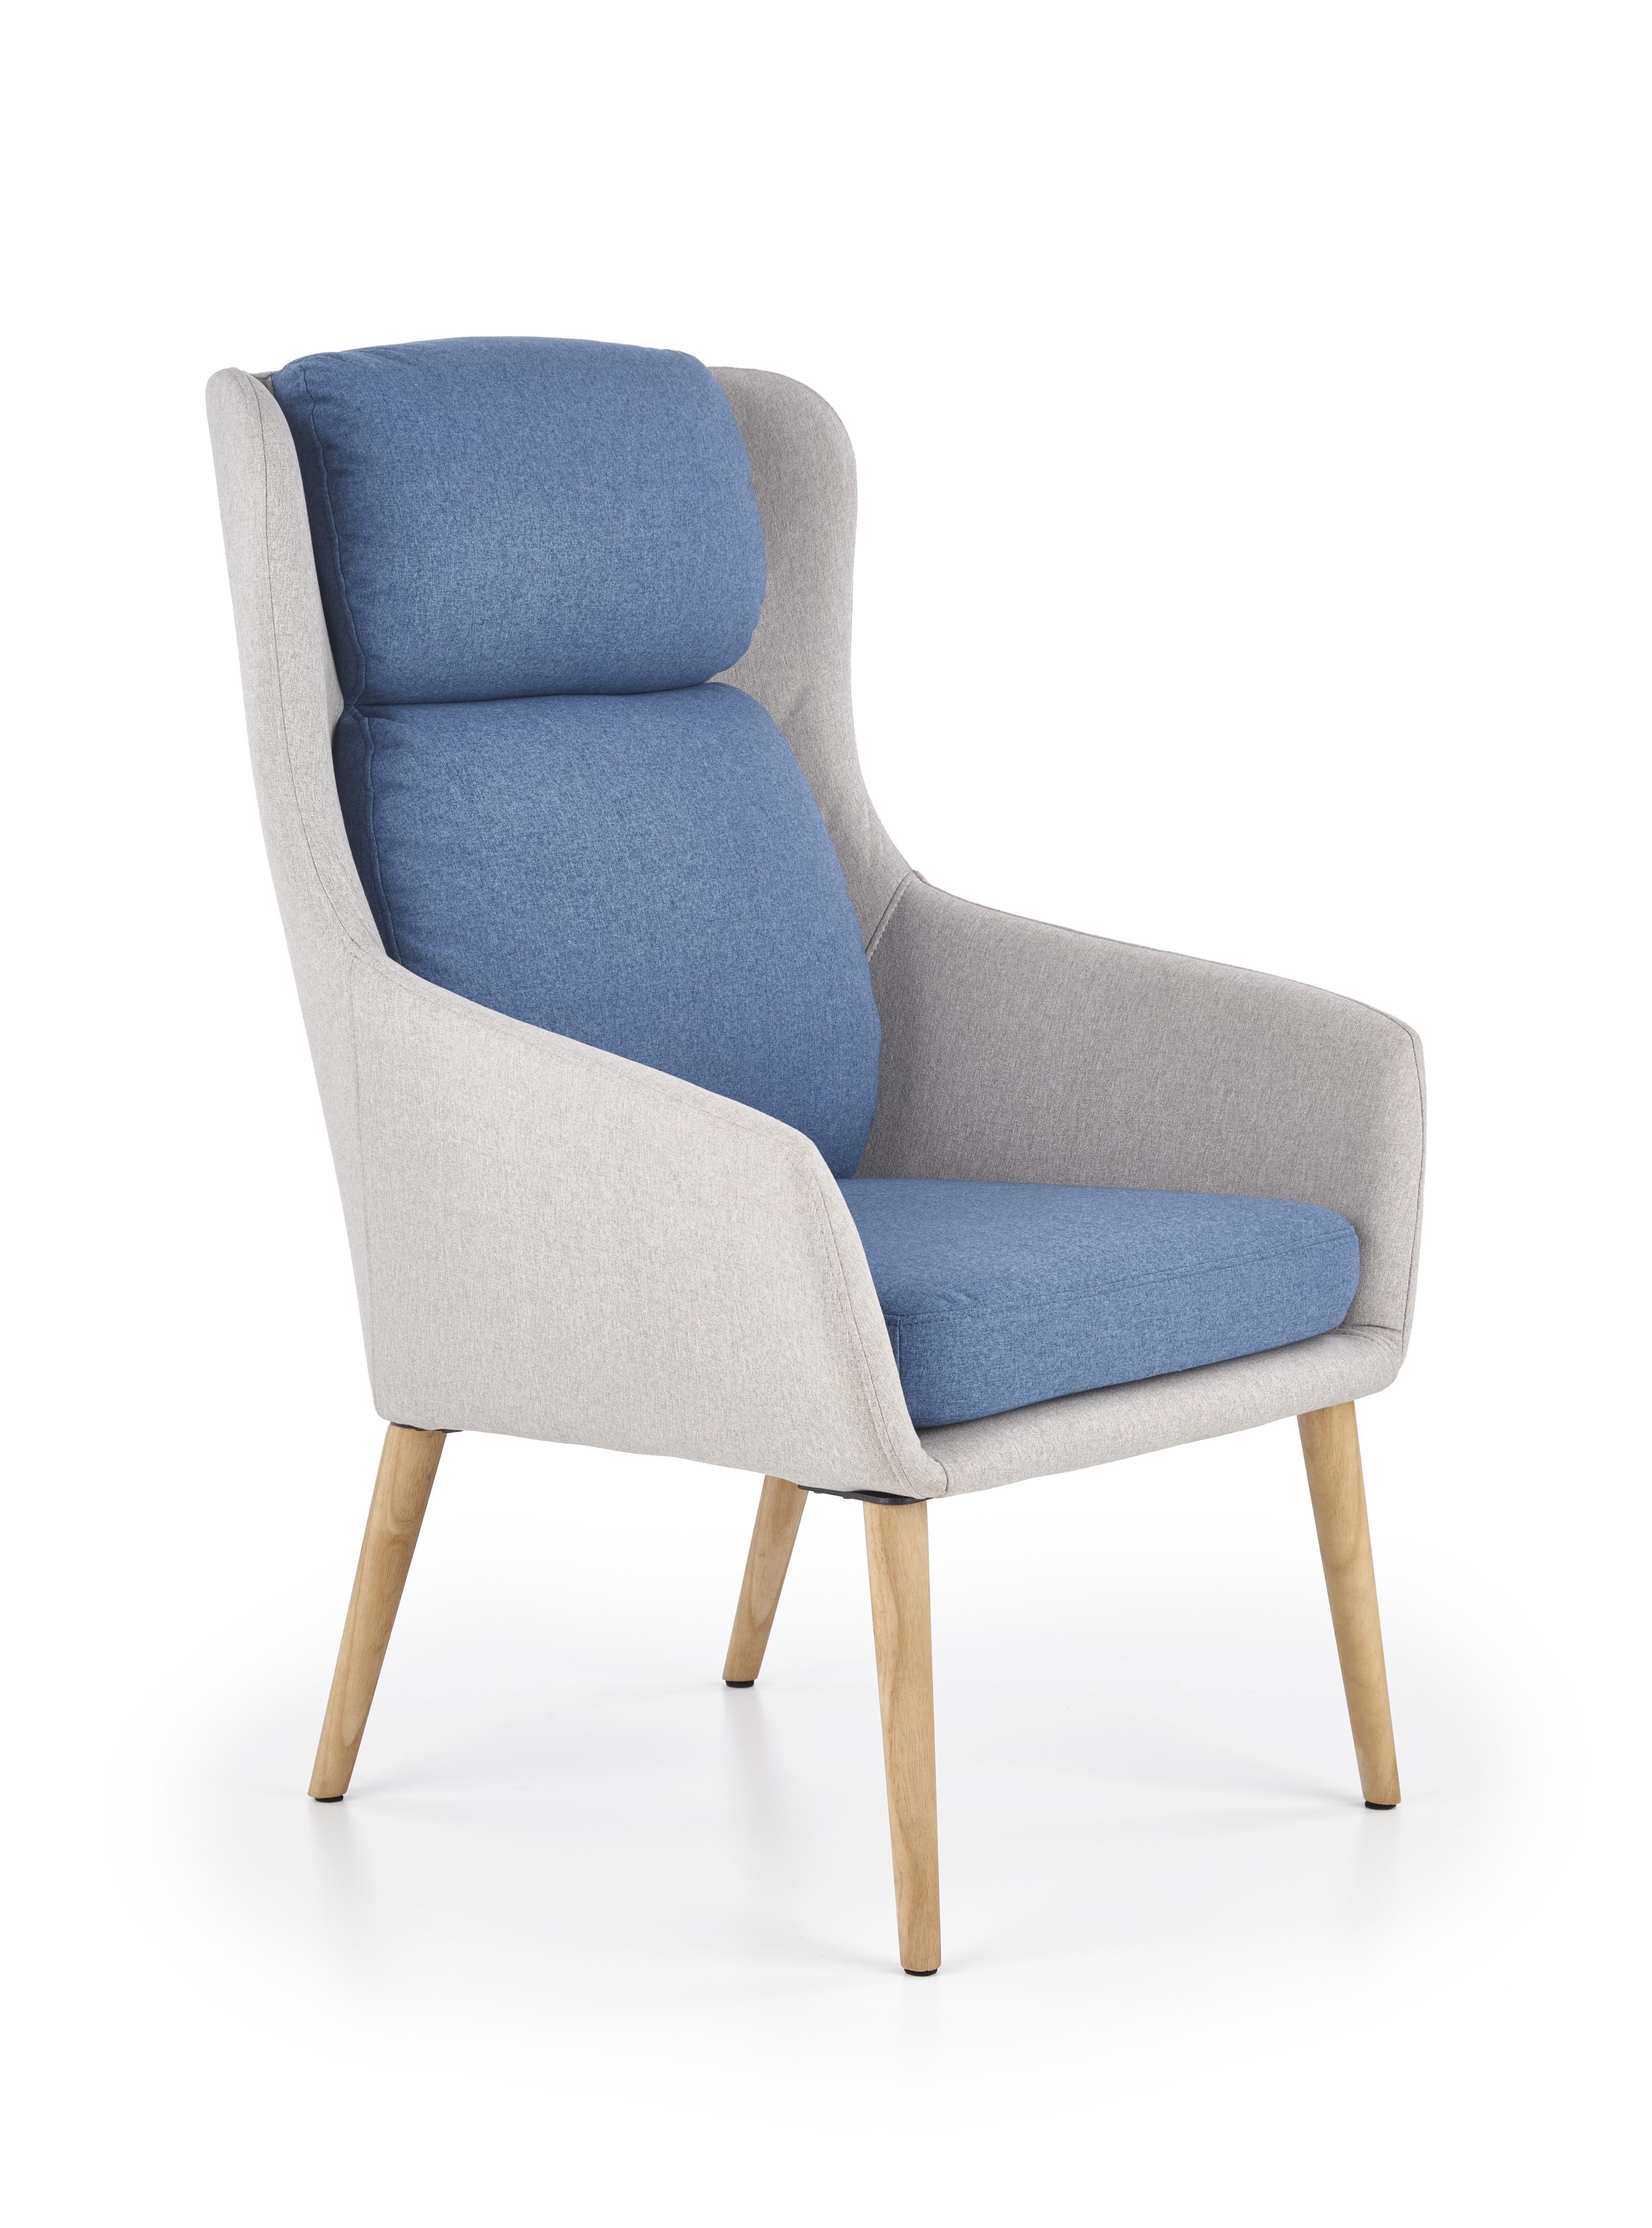 Fotoliu tapitat cu stofa, cu picioare din lemn Purio Light Grey / Blue, l67xA75xH103 cm imagine